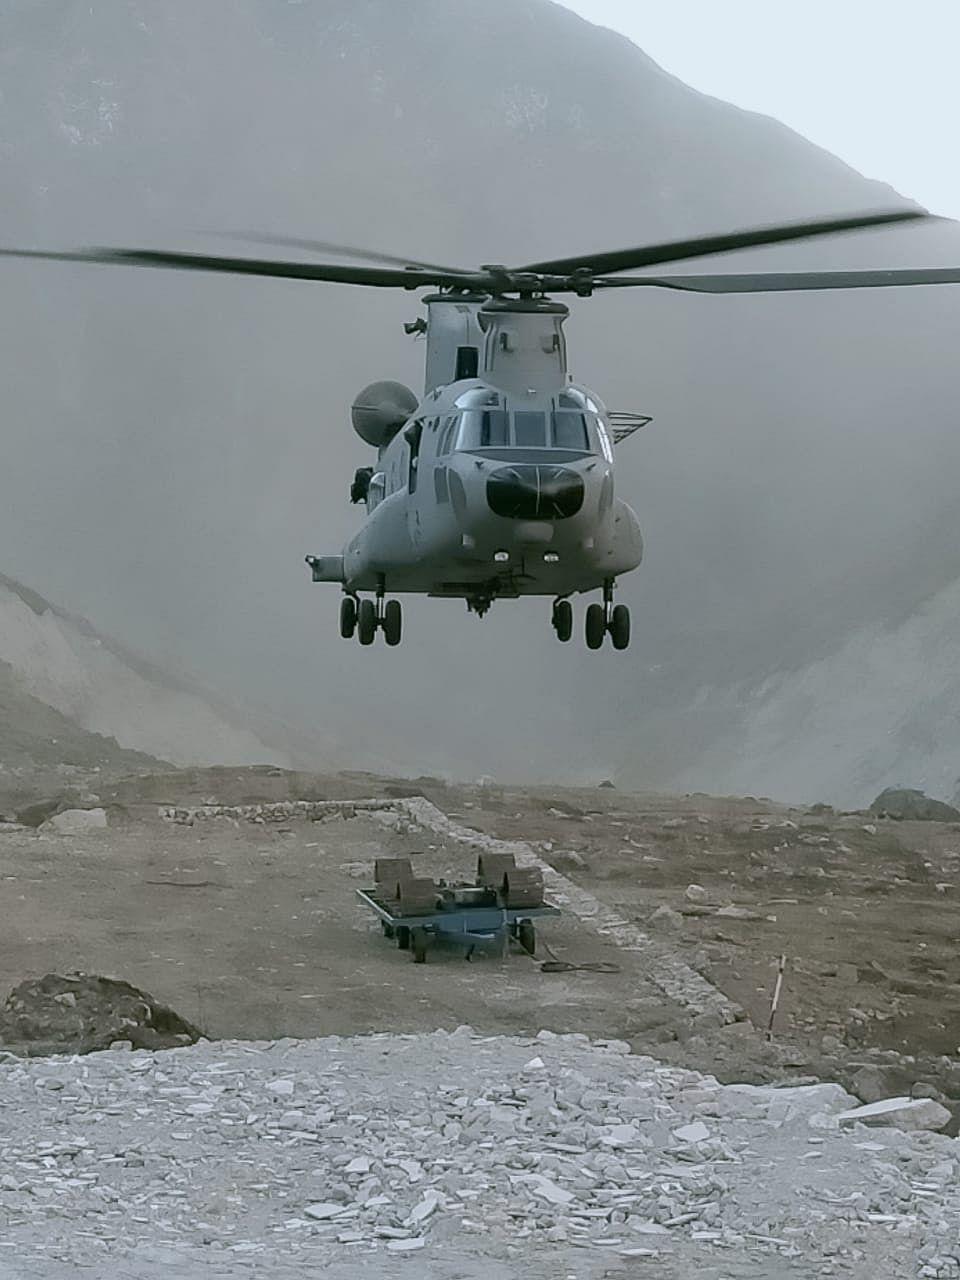 सेना के मालवाहक चिनूक ने केदारनाथ धाम में पहुंचाईं 6 टन भारी मशीनें